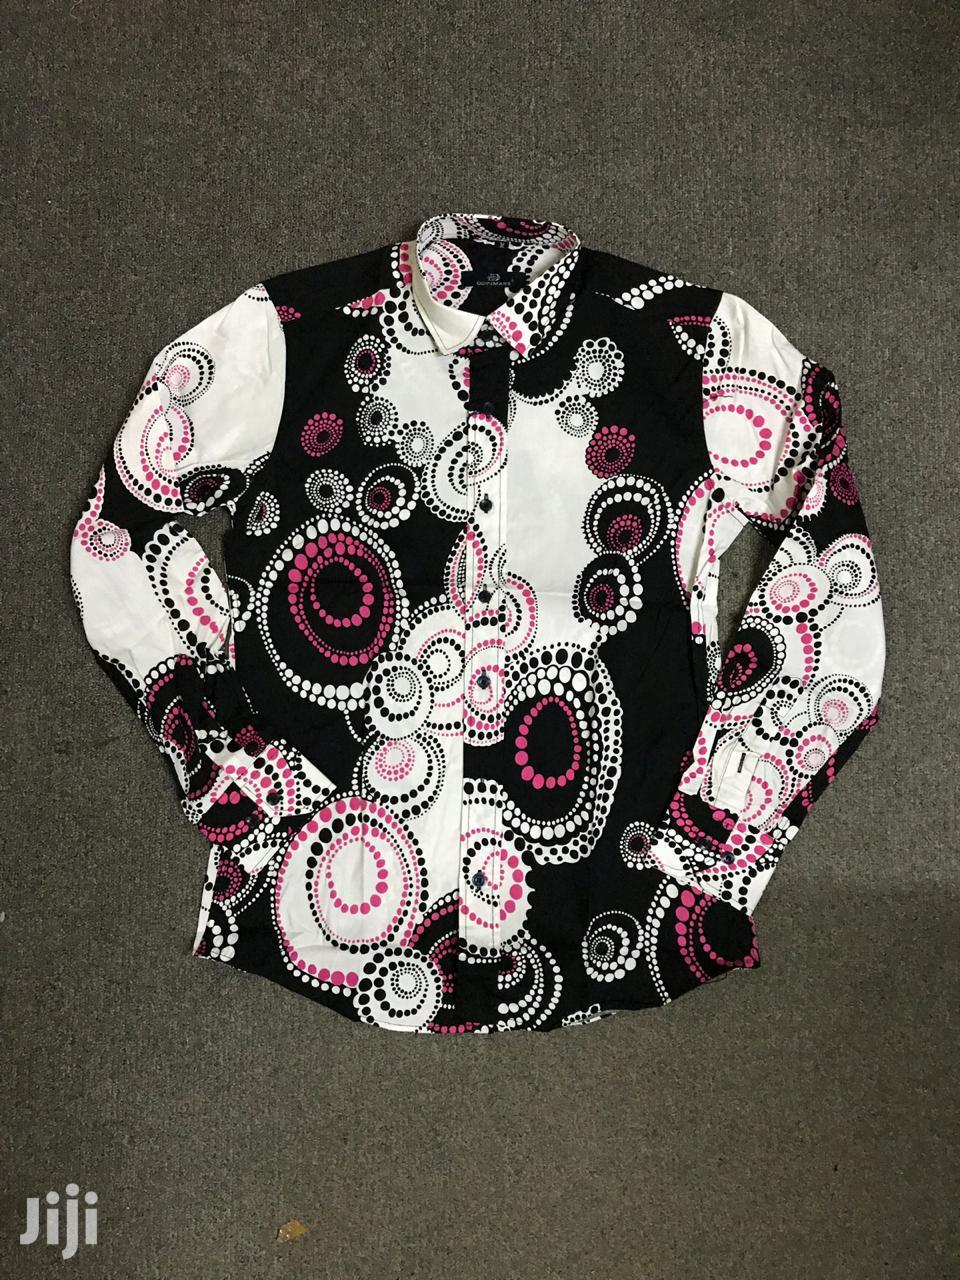 Floral Shirts | Clothing for sale in Nairobi Central, Nairobi, Kenya